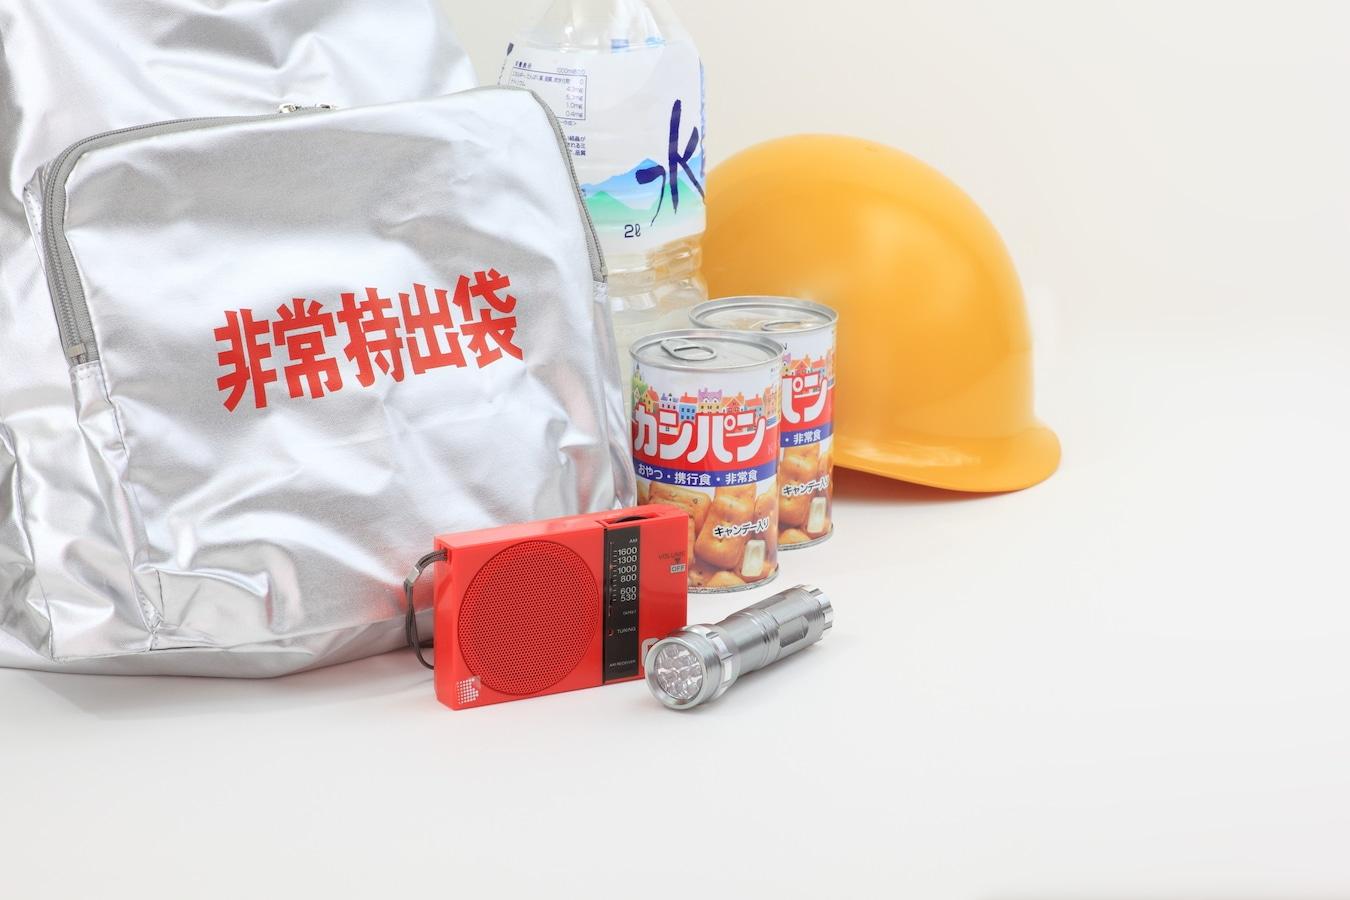 防災 グッズ 地震